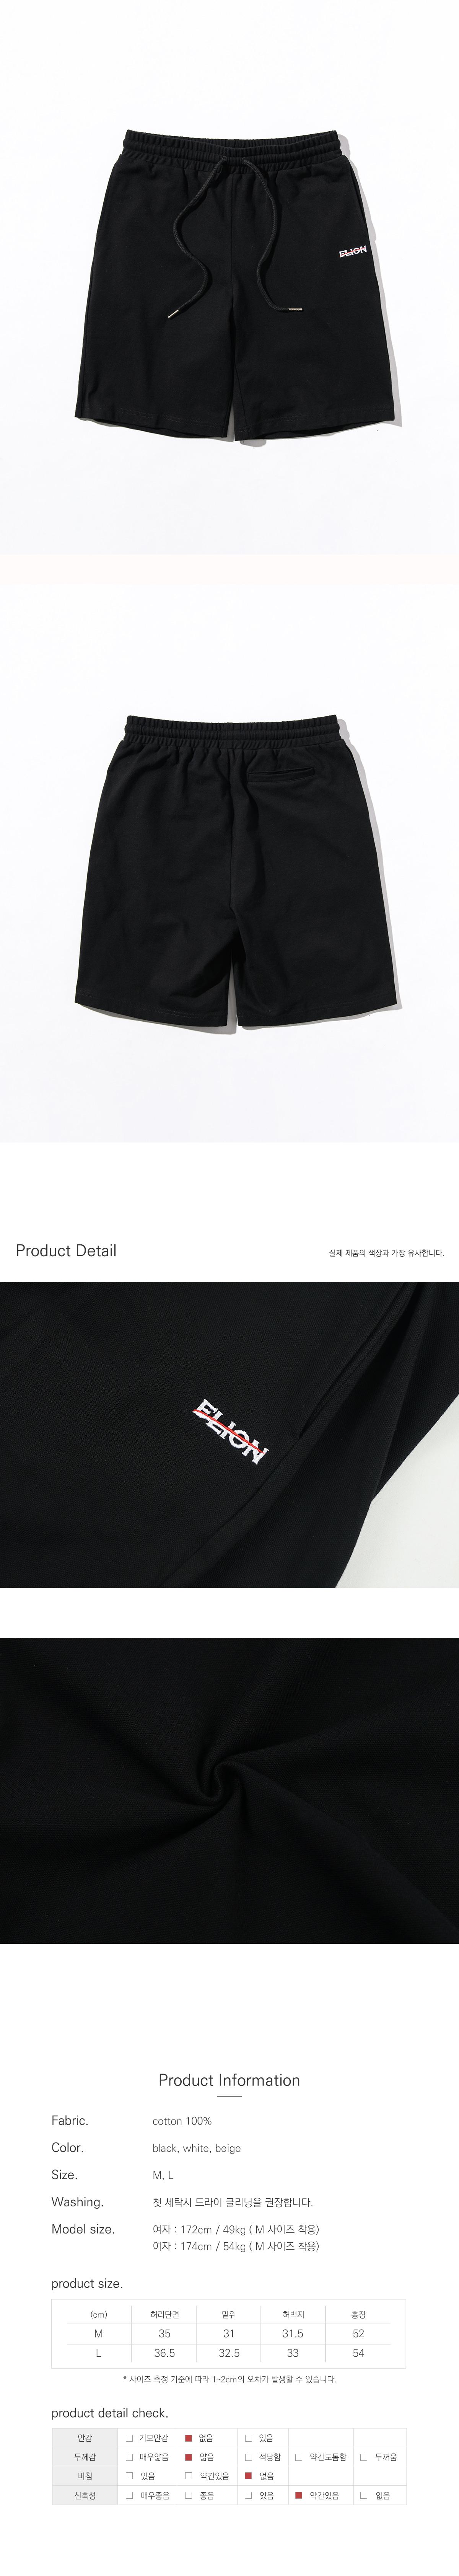 플리온(FLION) 커버라인 베이직 PK 숏팬츠 - 블랙